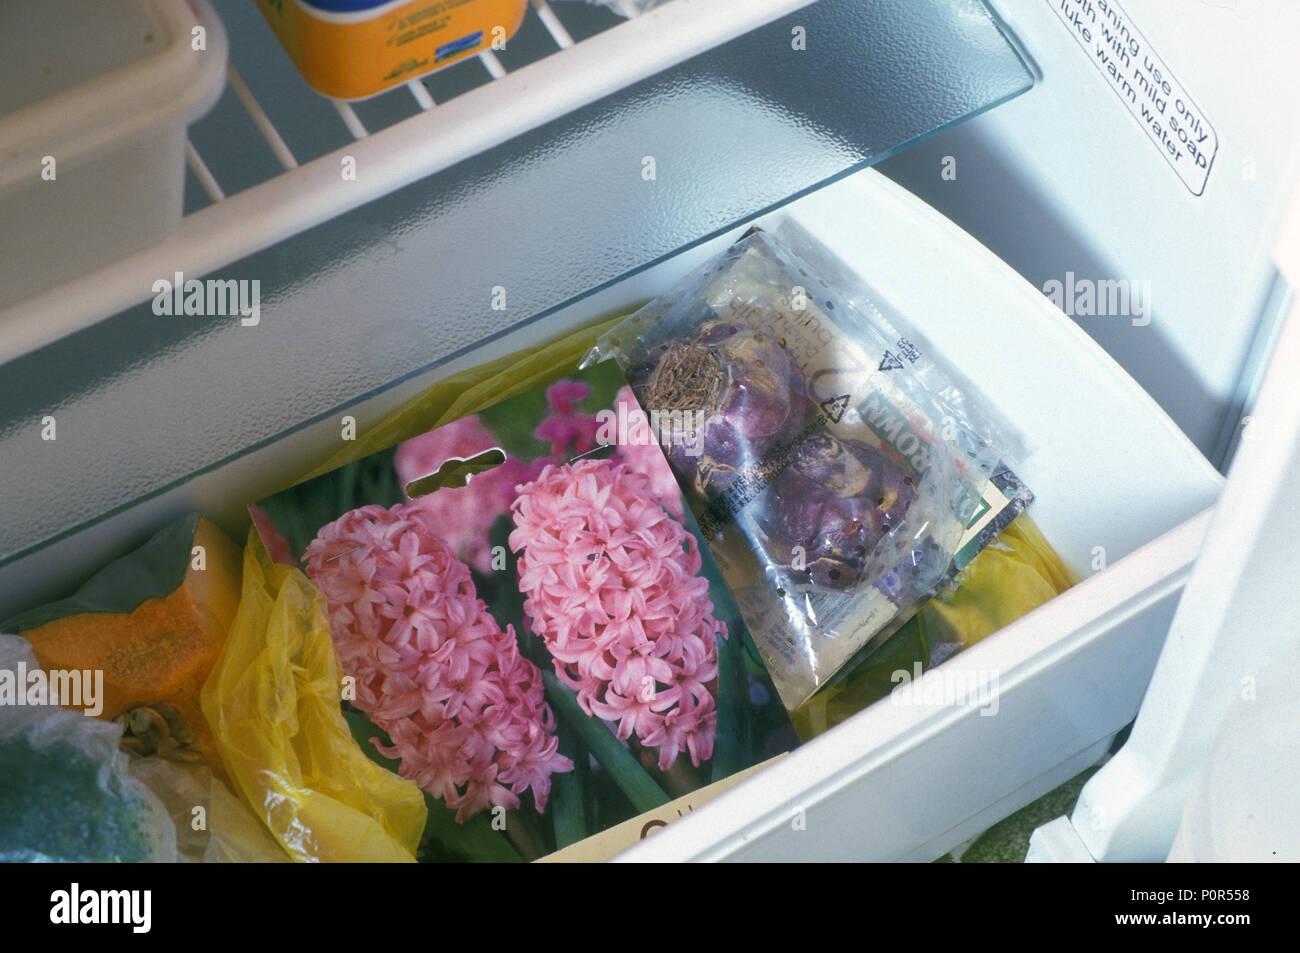 Stockage des bulbes de Jacinthe dans tiroir à légumes du réfrigérateur. Avant de planter les jacinthes les mettre dans le bac à légumes du réfrigérateur. Photo Stock